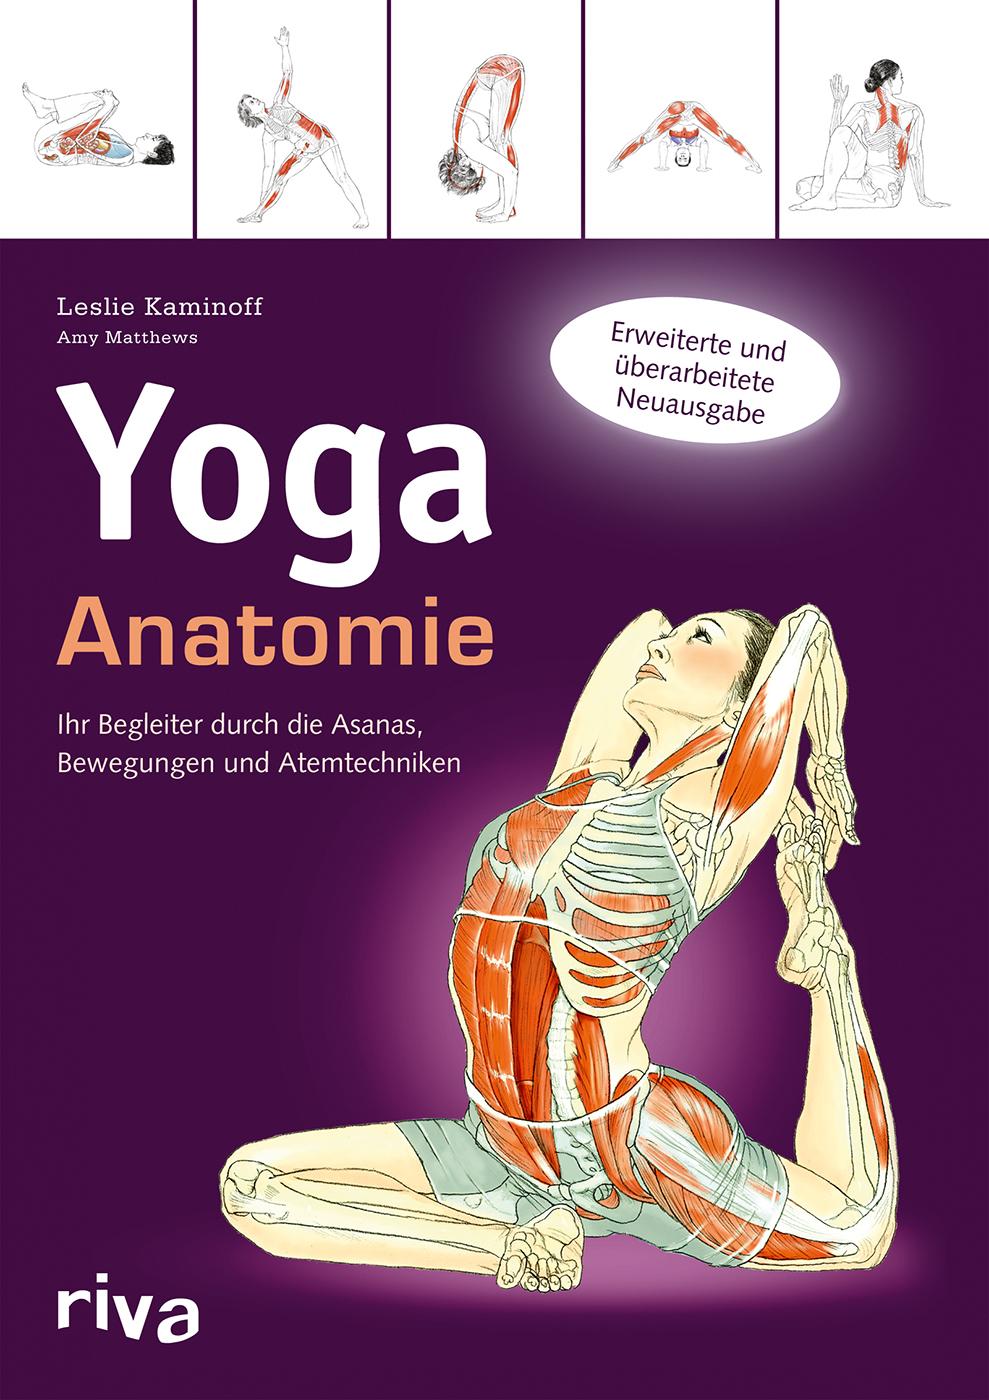 Yoga Anatomie von Leslie Kaminoff